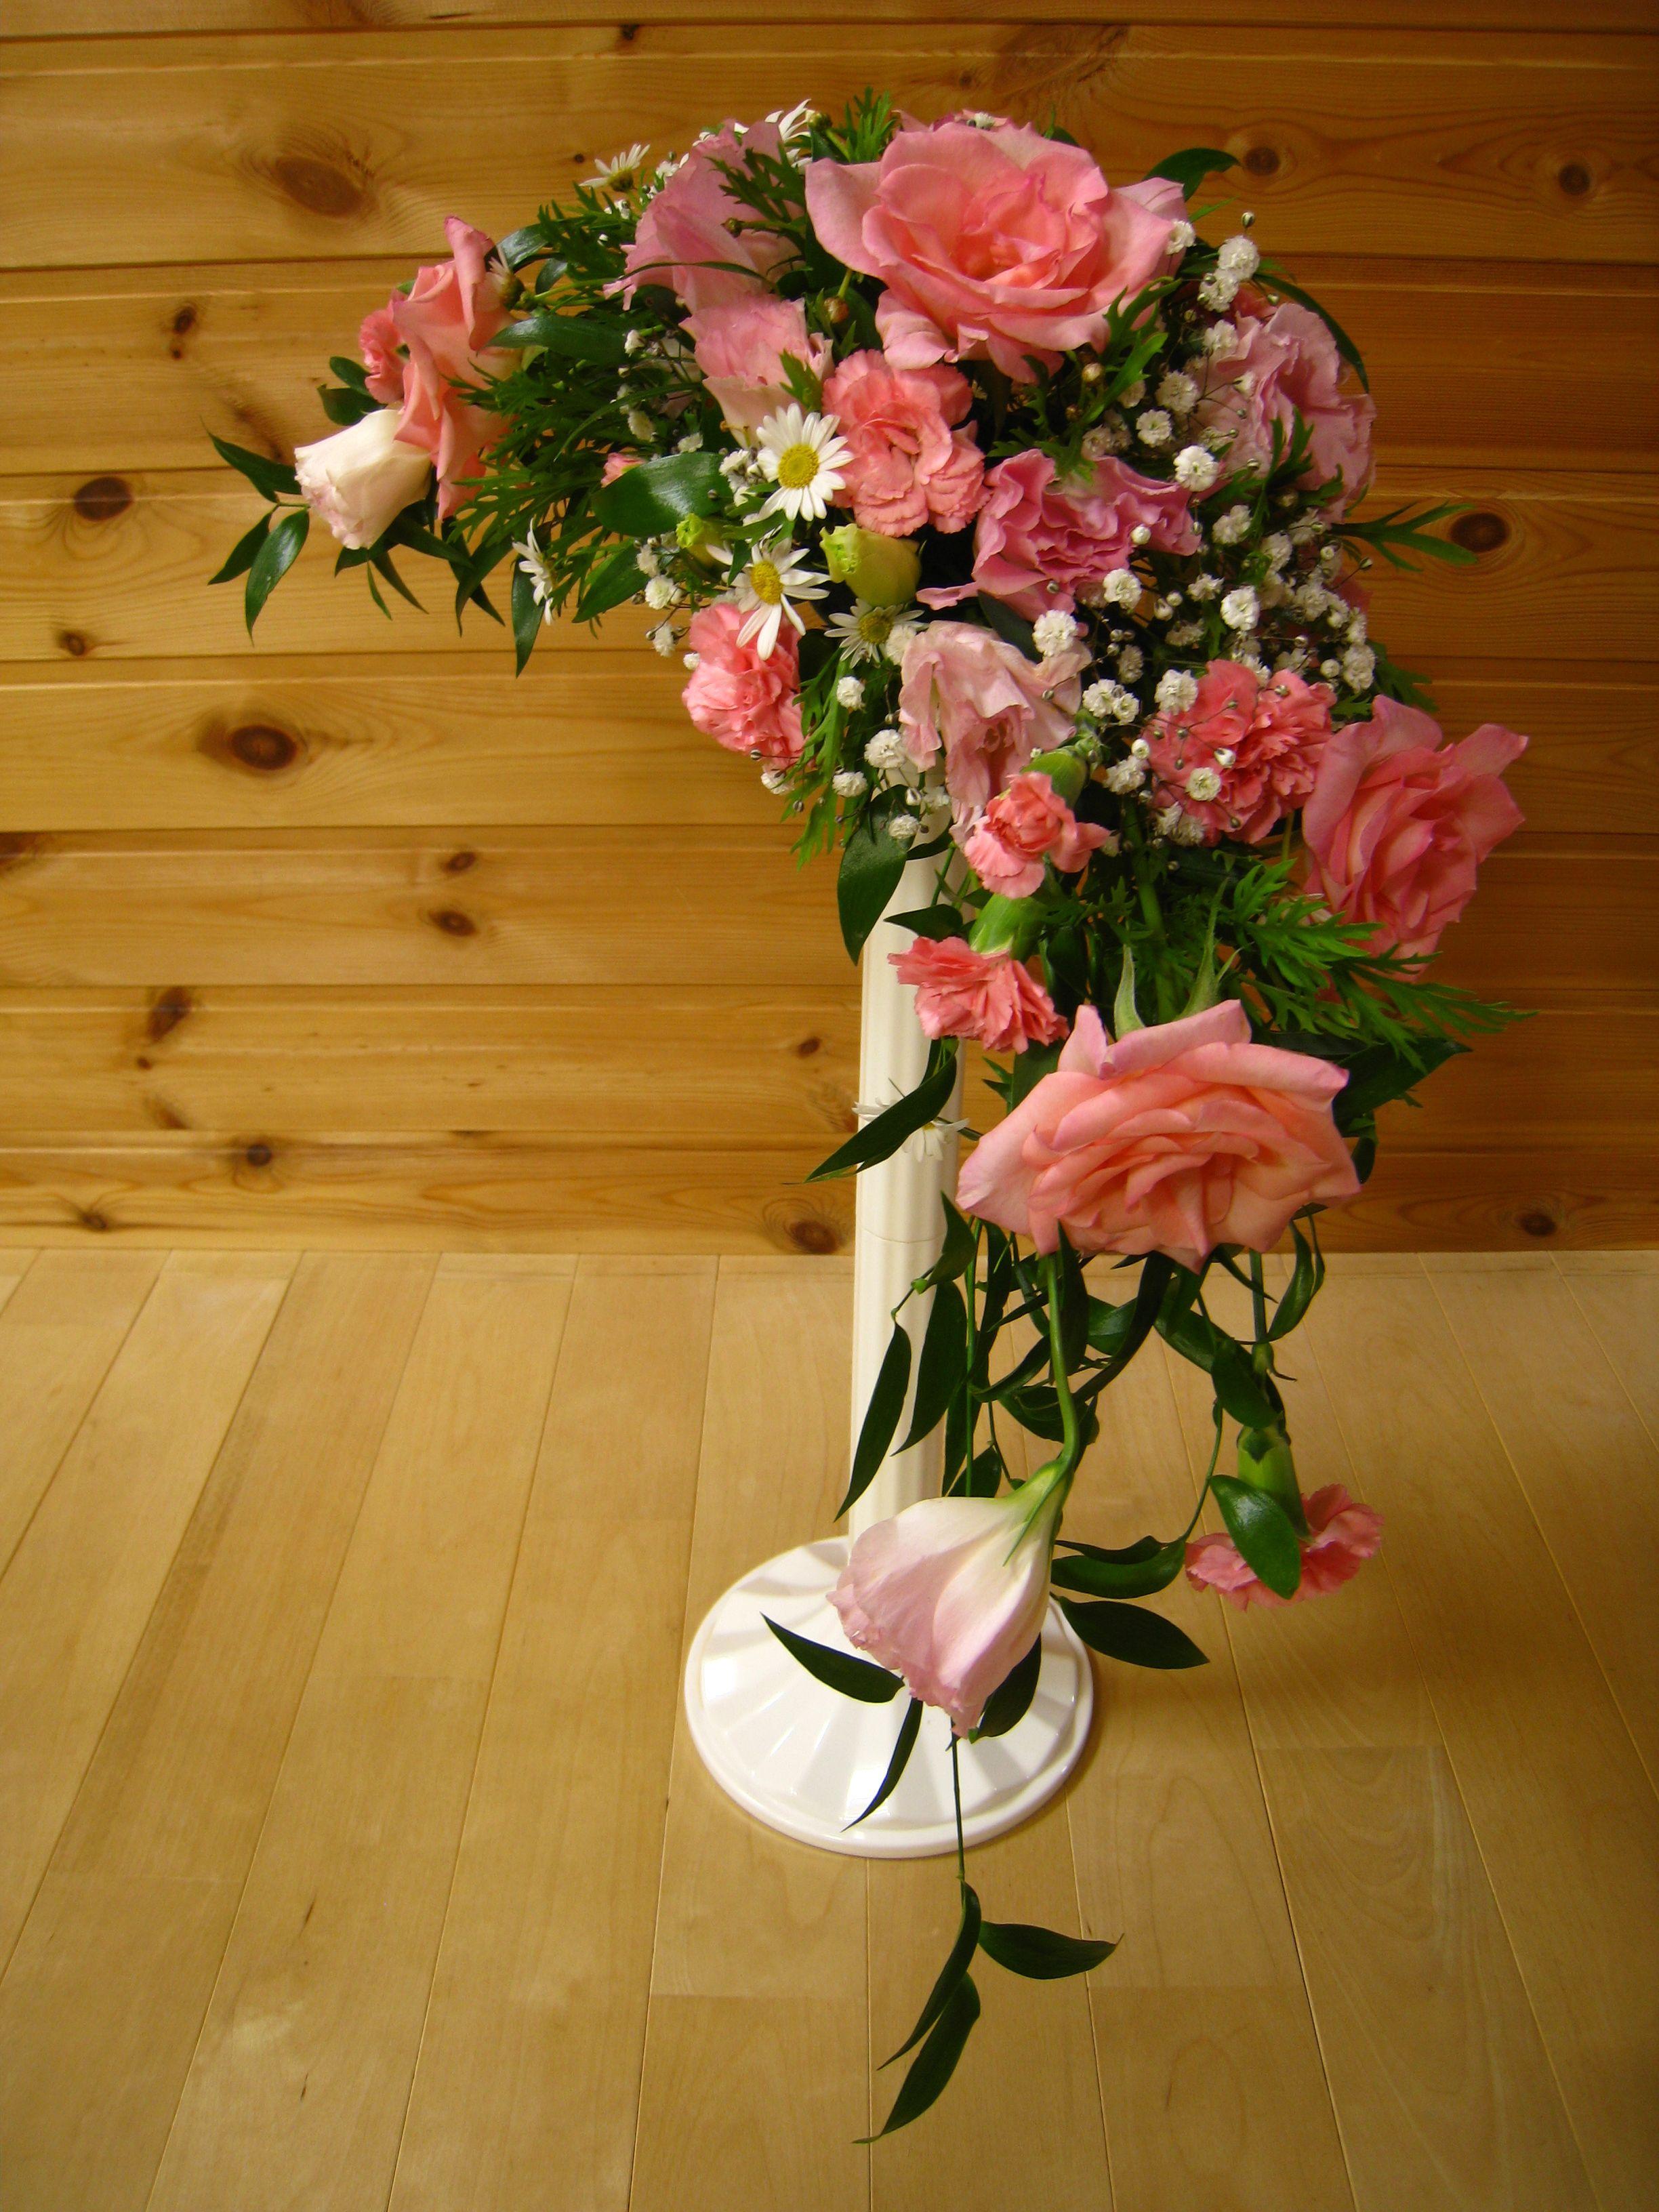 Crescent bouquet wedding ideas pinterest for Crescent bouquet